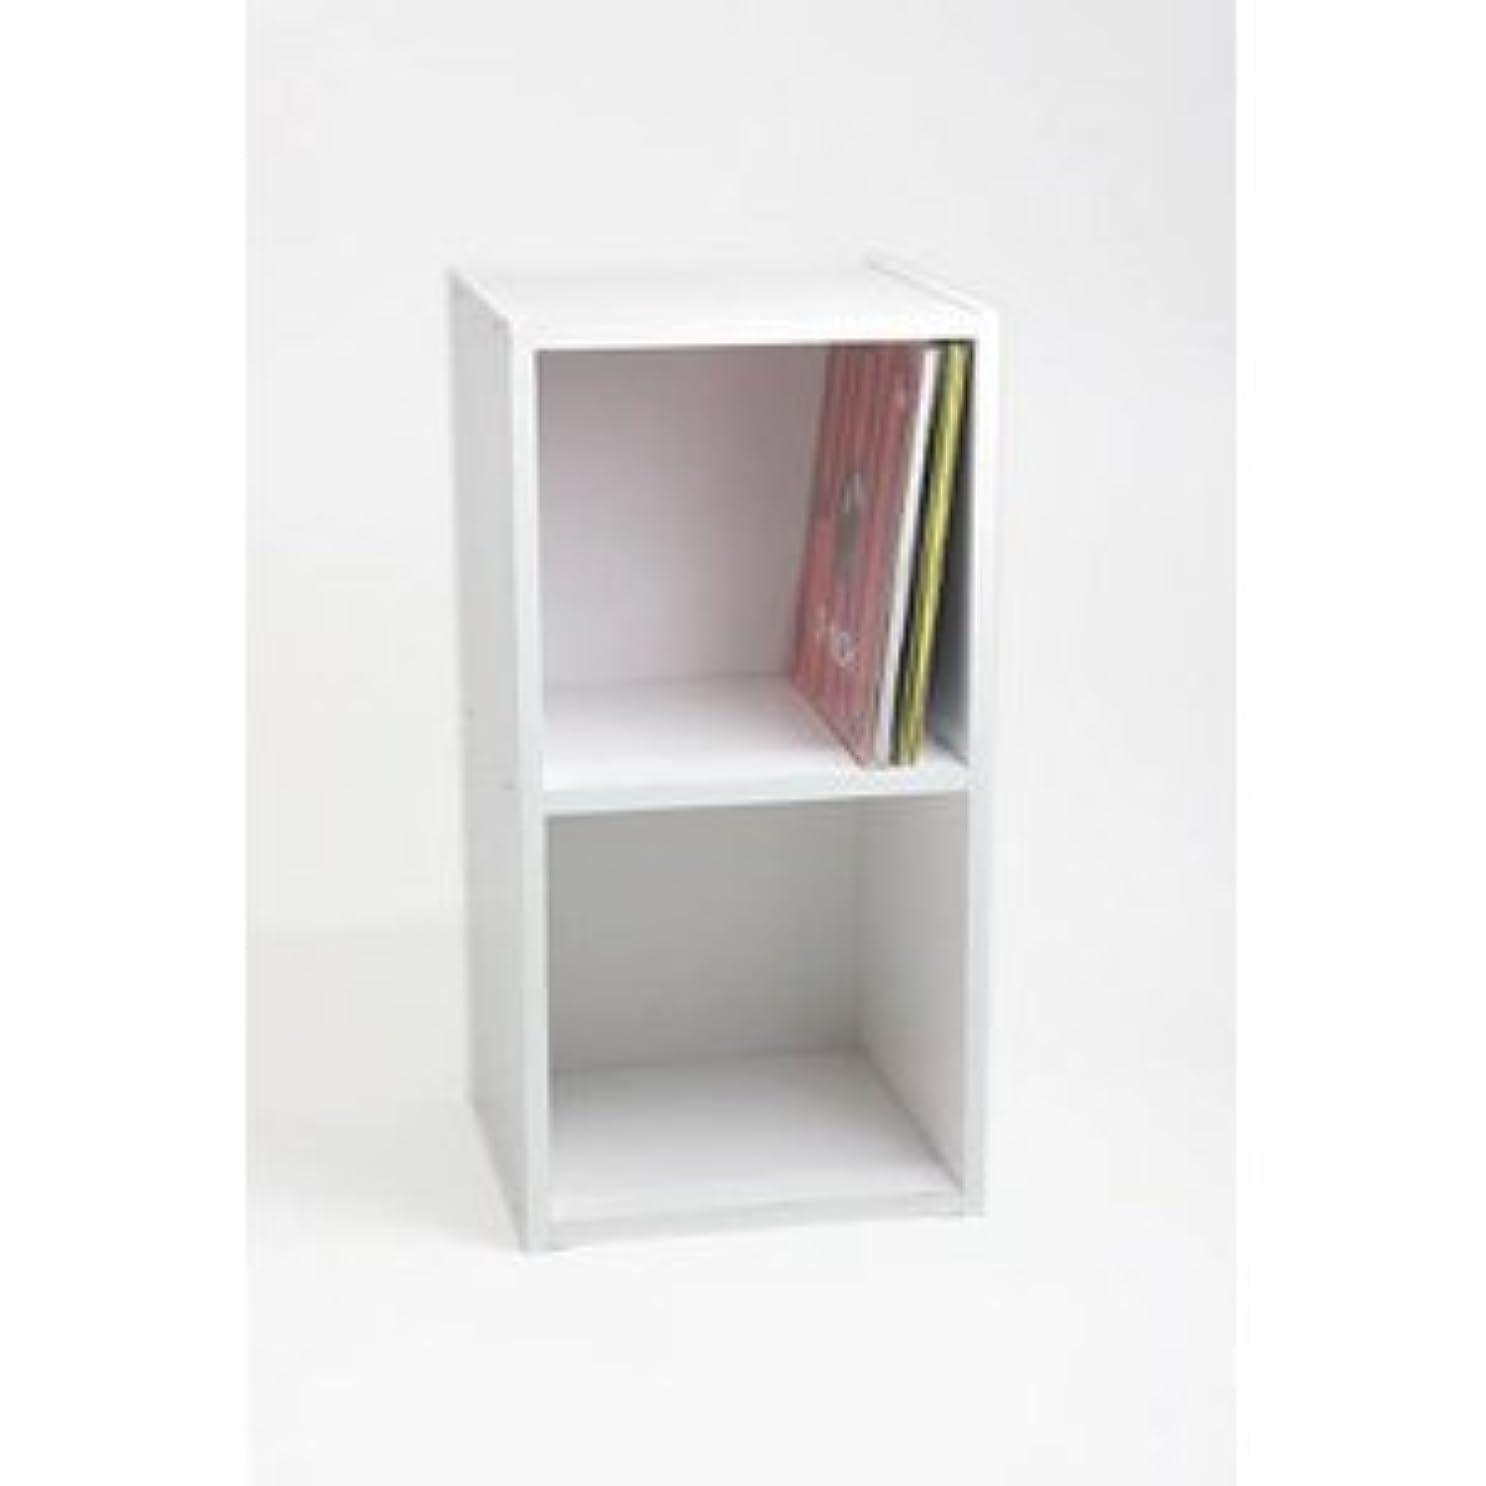 マイナー初期ホストレコードラック(LP収納用ラック)/バイナルボックス 木製 2段 LP-12 ホワイト(白) [簡易パッケージ品]